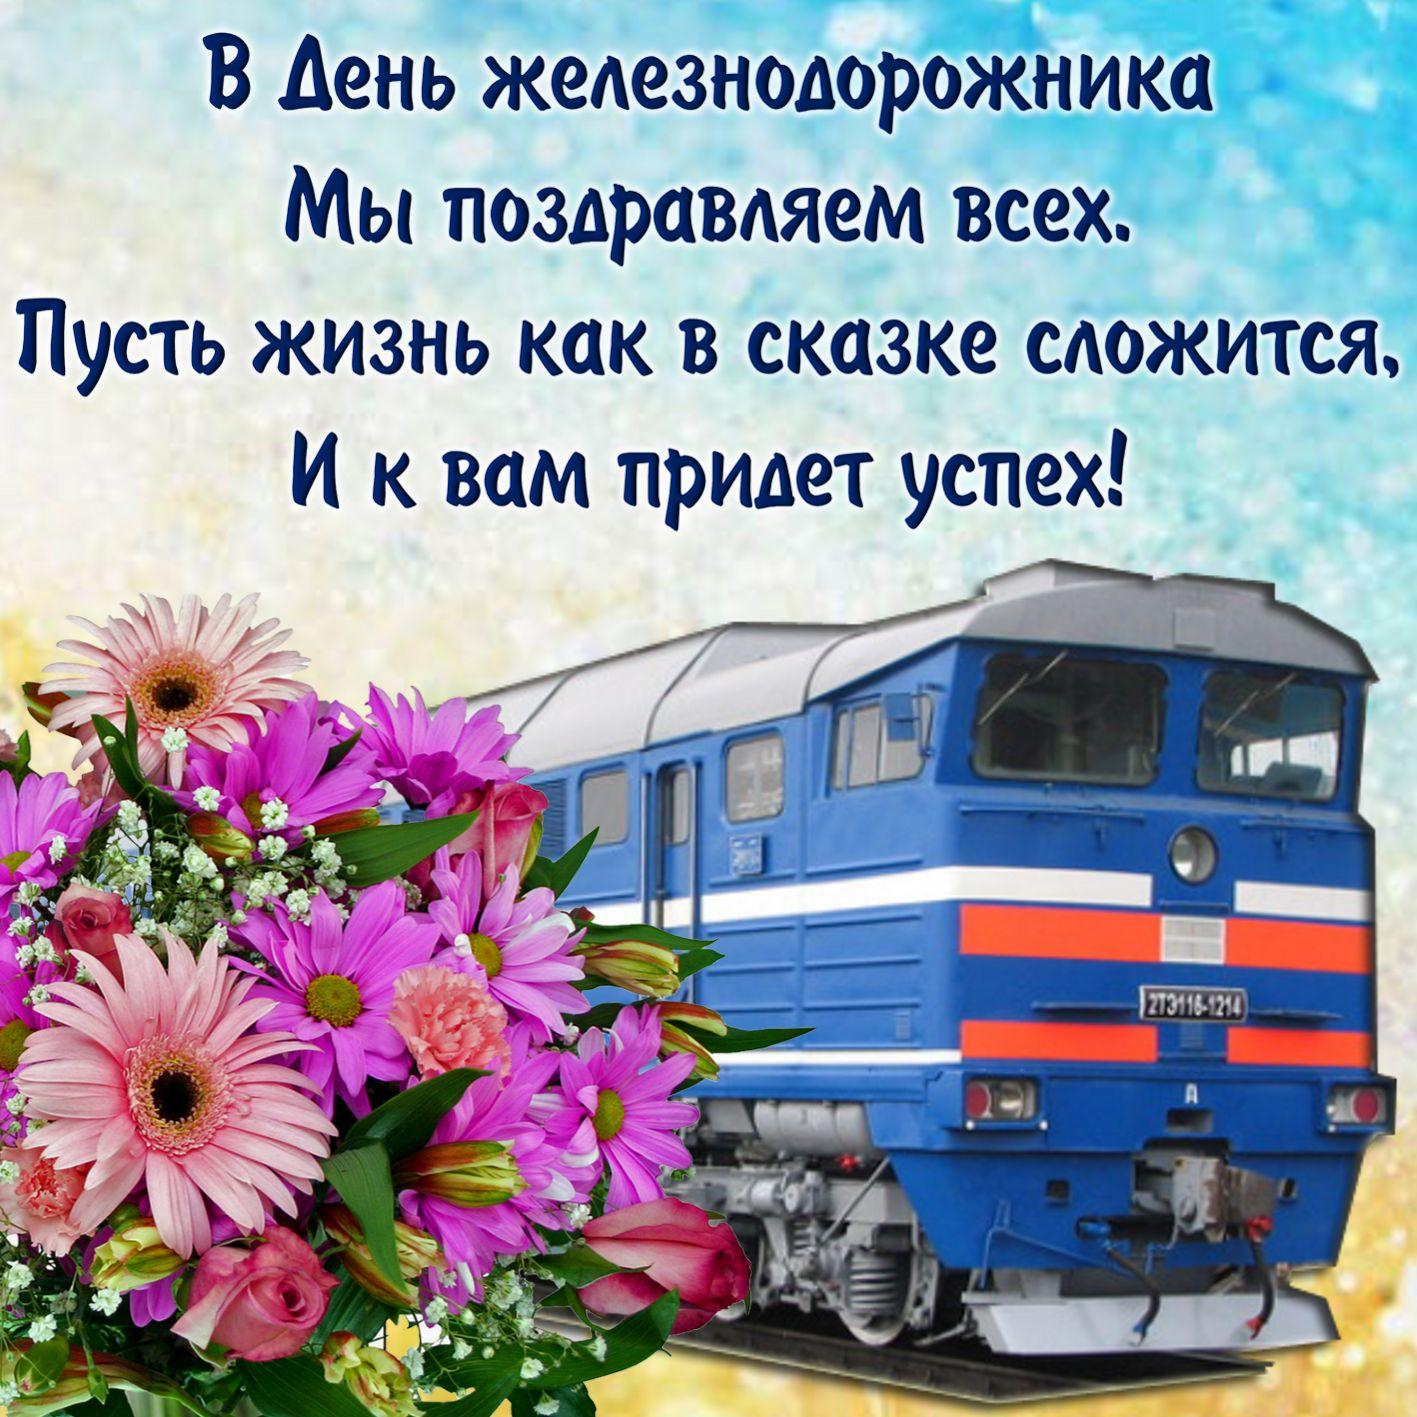 Поздравление с днем железнодорожника в стихах красивые